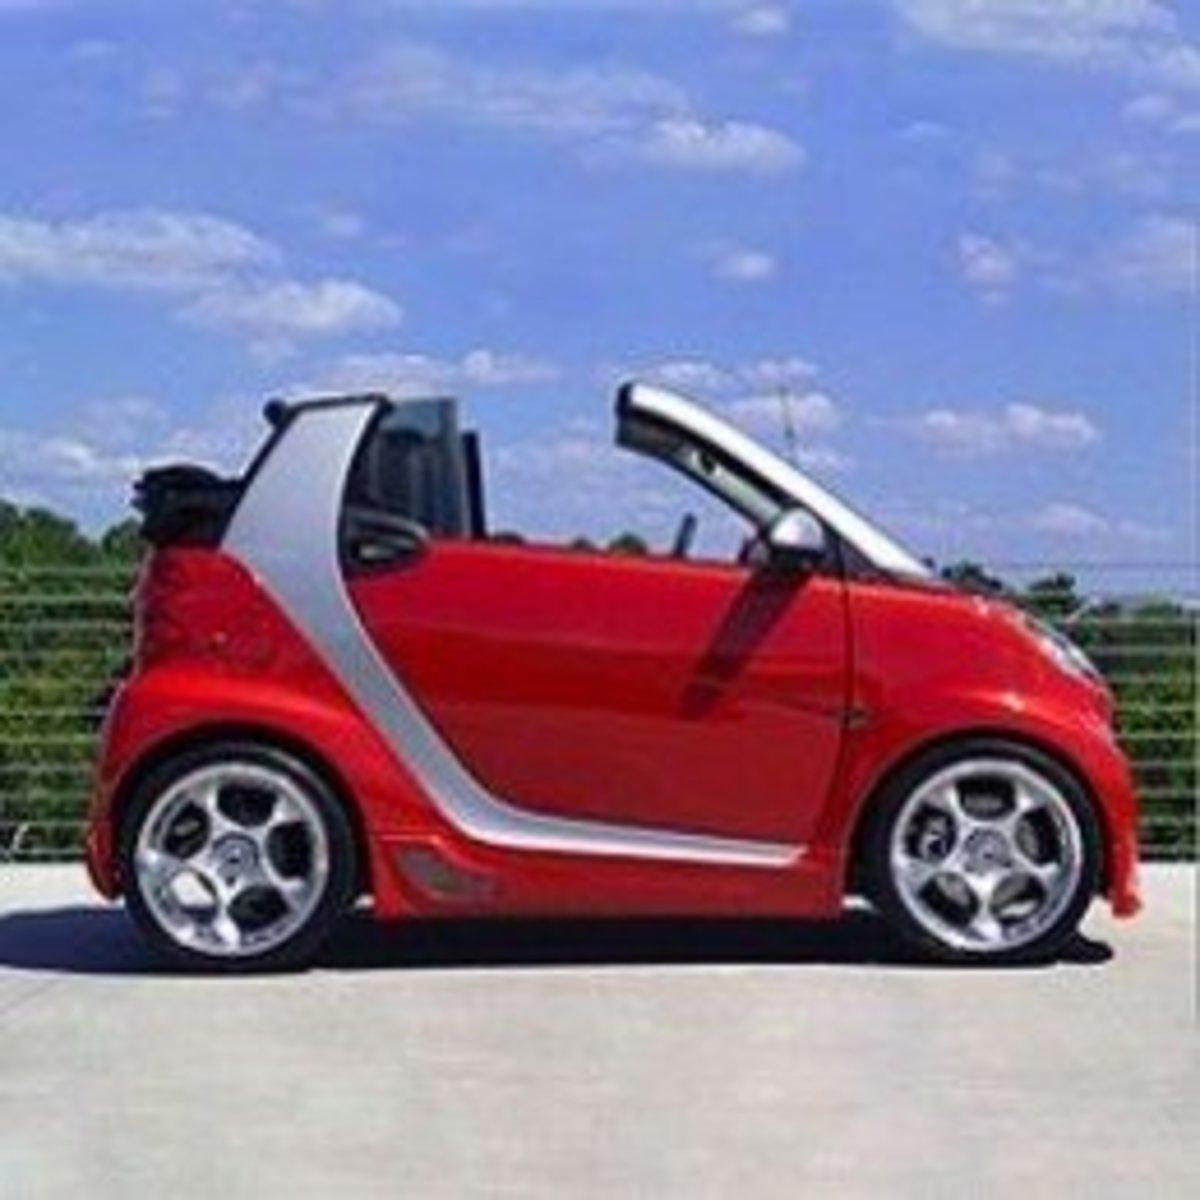 Smart Car Kits >> Smart Car Body Kits Wicked Kuhl Body Kits And Mods Axleaddict